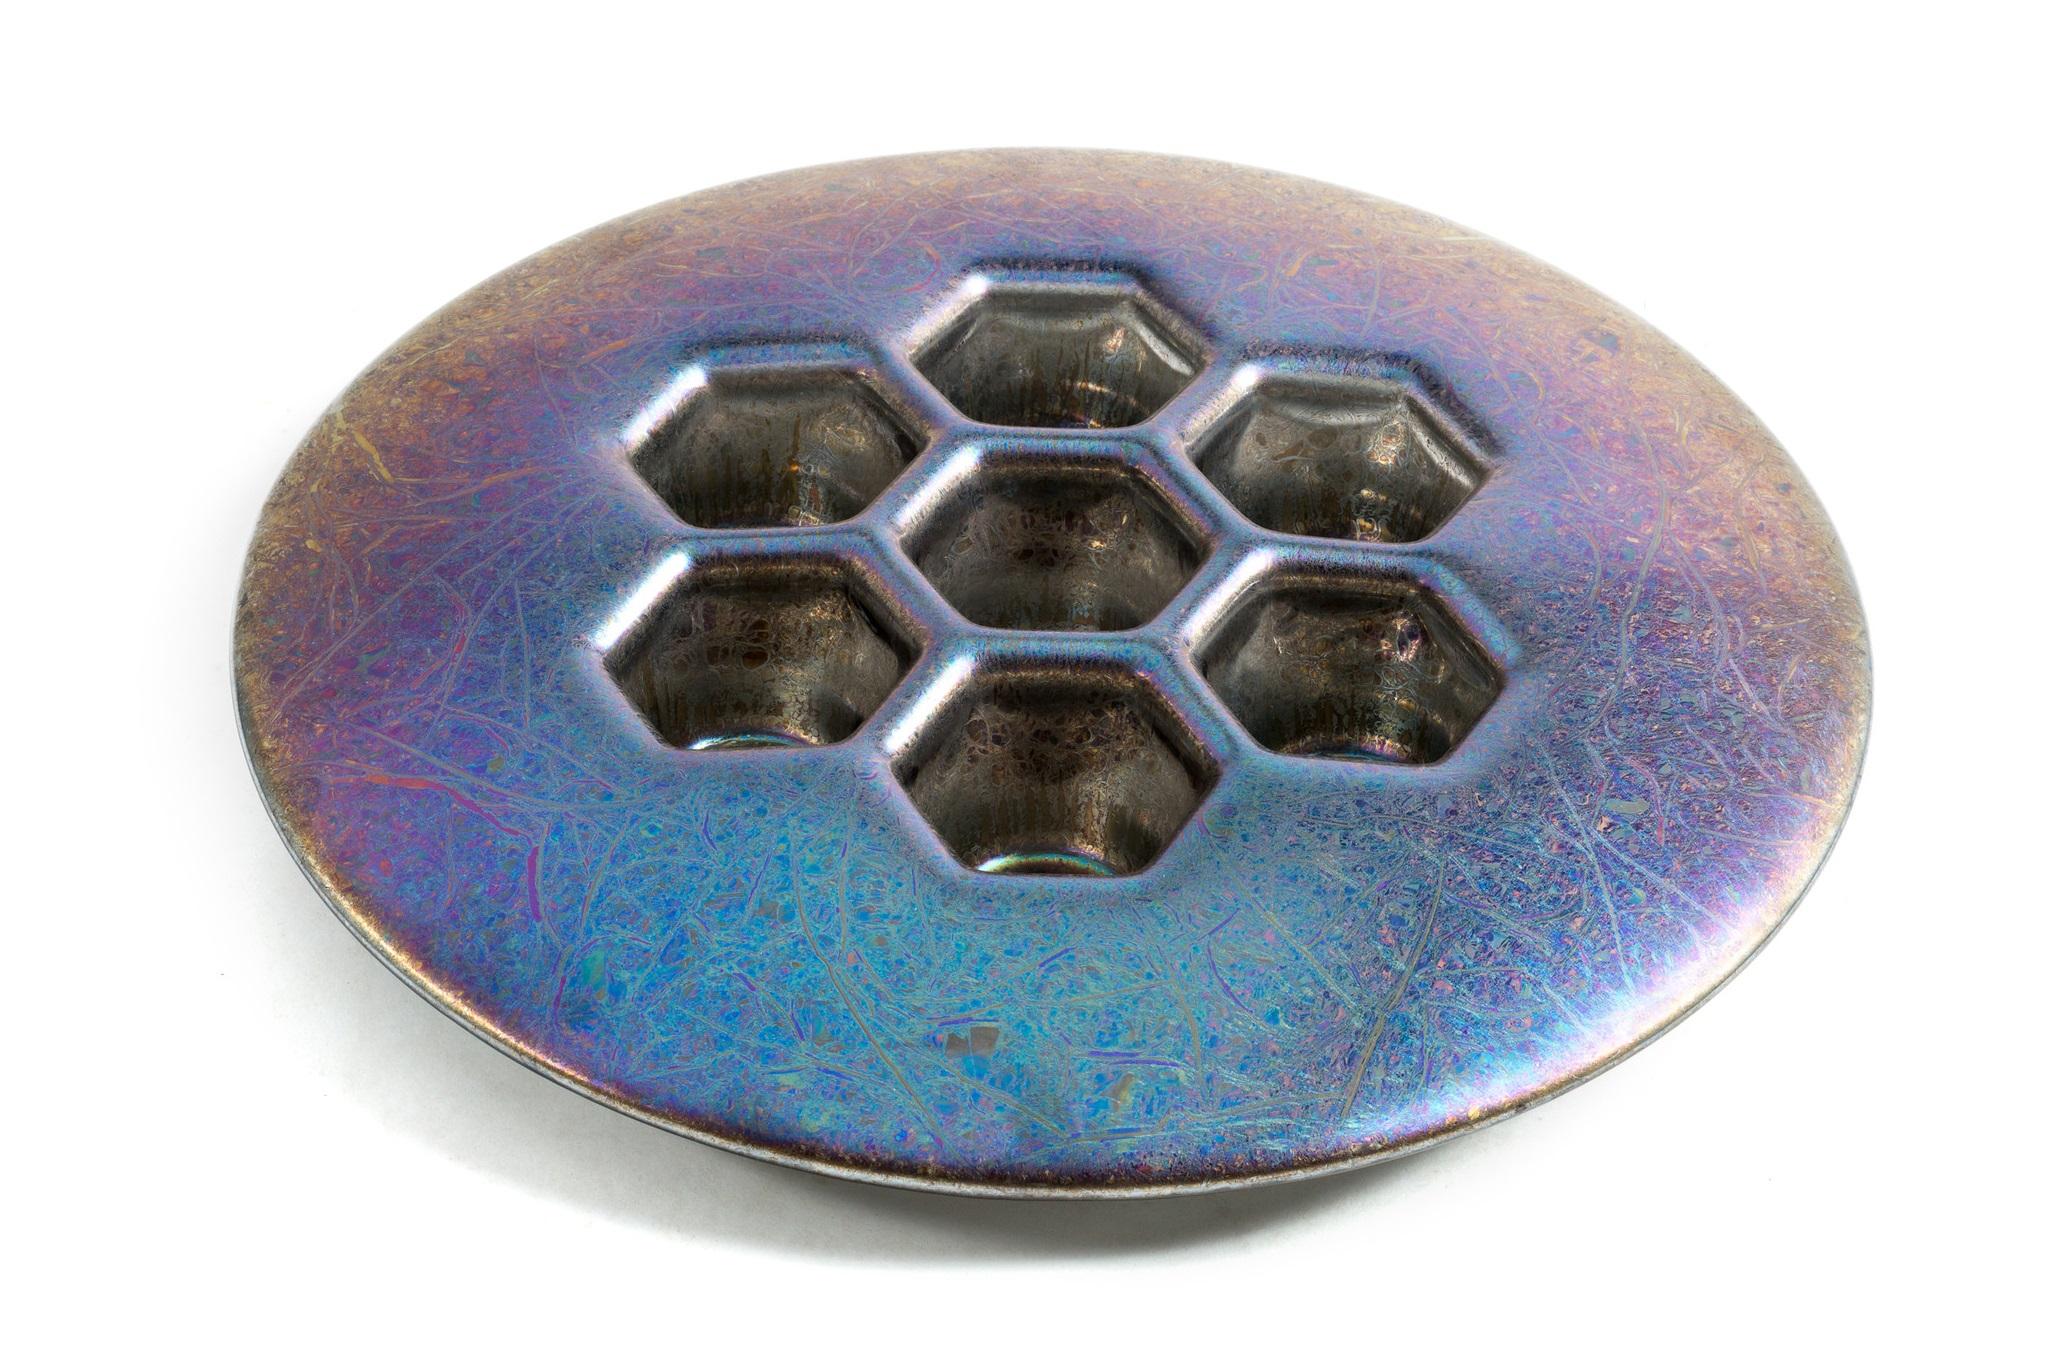 Ваза CellsДекоративные блюда<br>Простая, понятная, и в то же время гениальная форма этого предмета декора вызывает восторг. Особенно, когда понимаешь, что перед тобой стекло. Cells Chameleon – это нечто большее, чем просто ваза. Cells – это, прежде всего, уникальная работа от мастеров +Object.<br><br>kit: None<br>gender: None